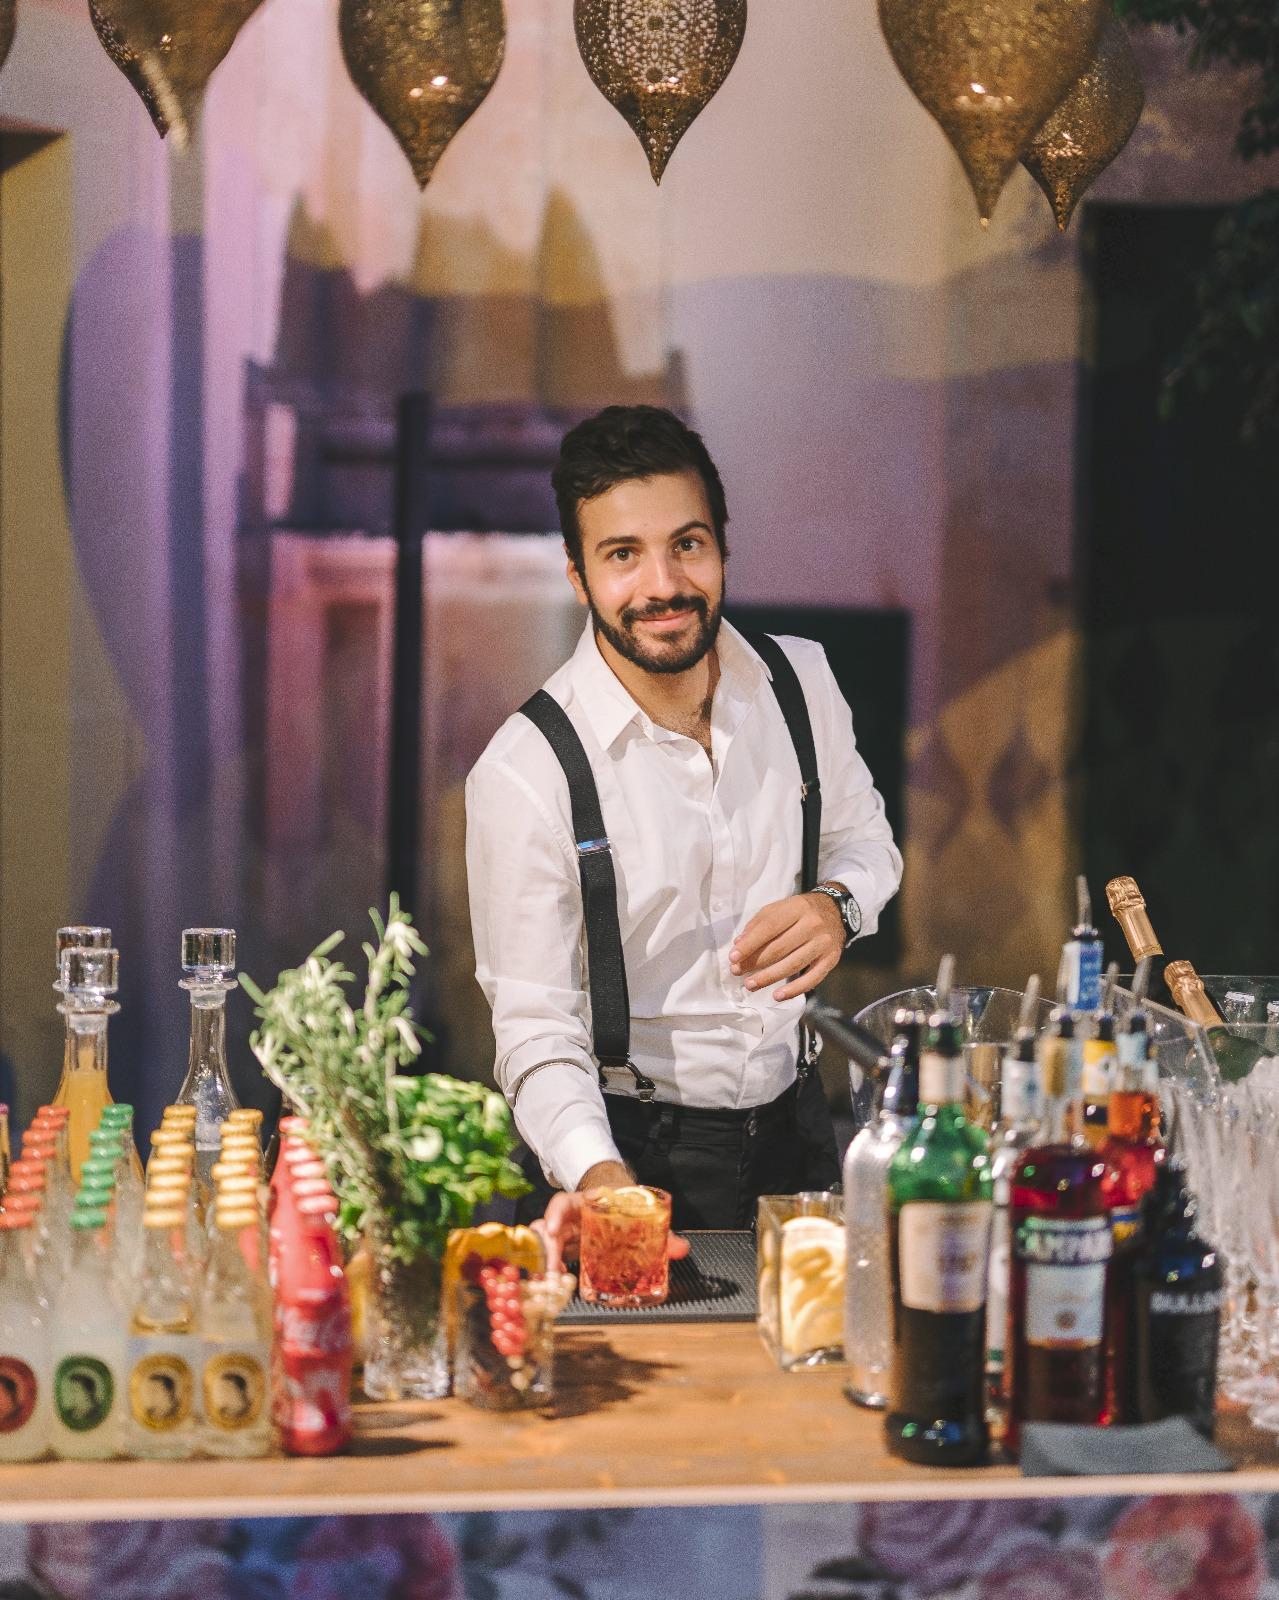 Bar Catering Noto #Ferragnez 01 giovanni liuzzi